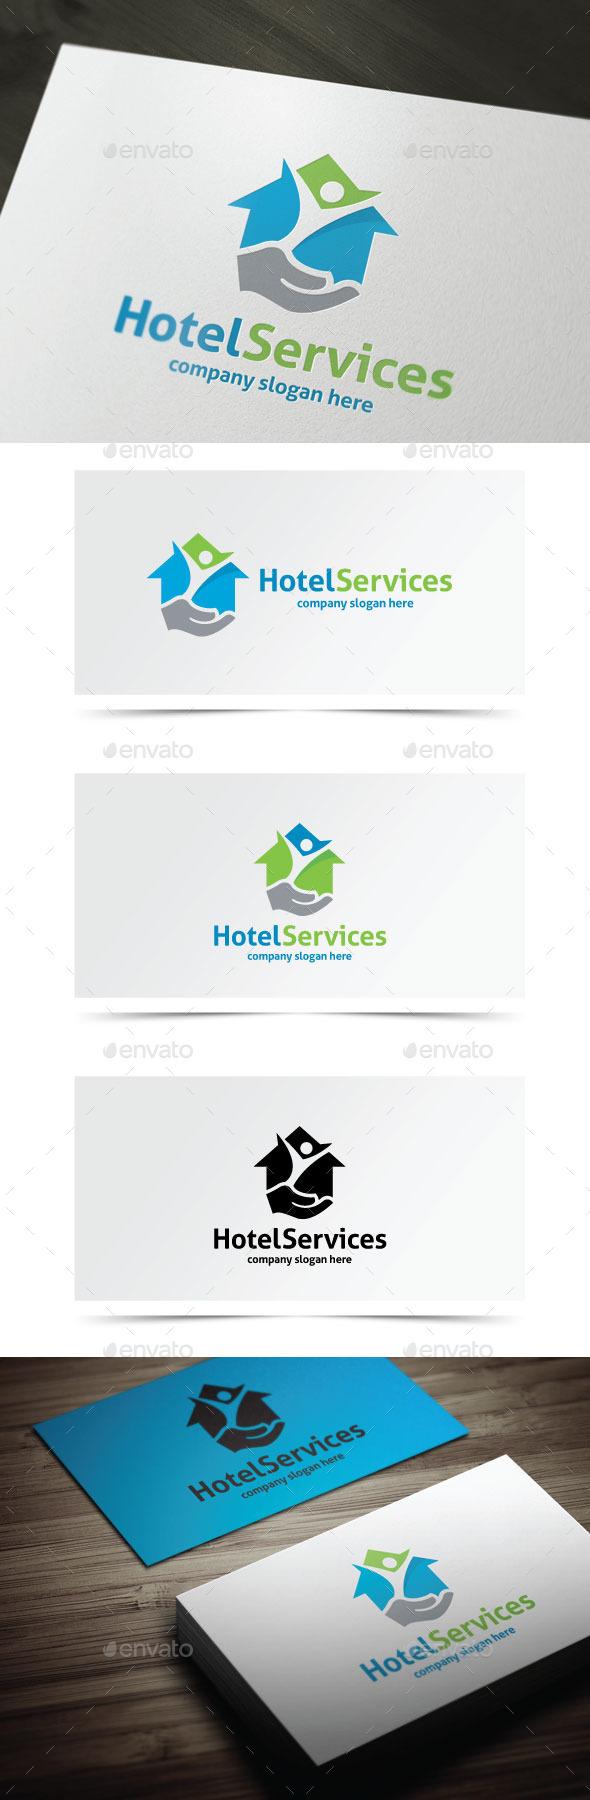 GraphicRiver Hotel Services 10417437